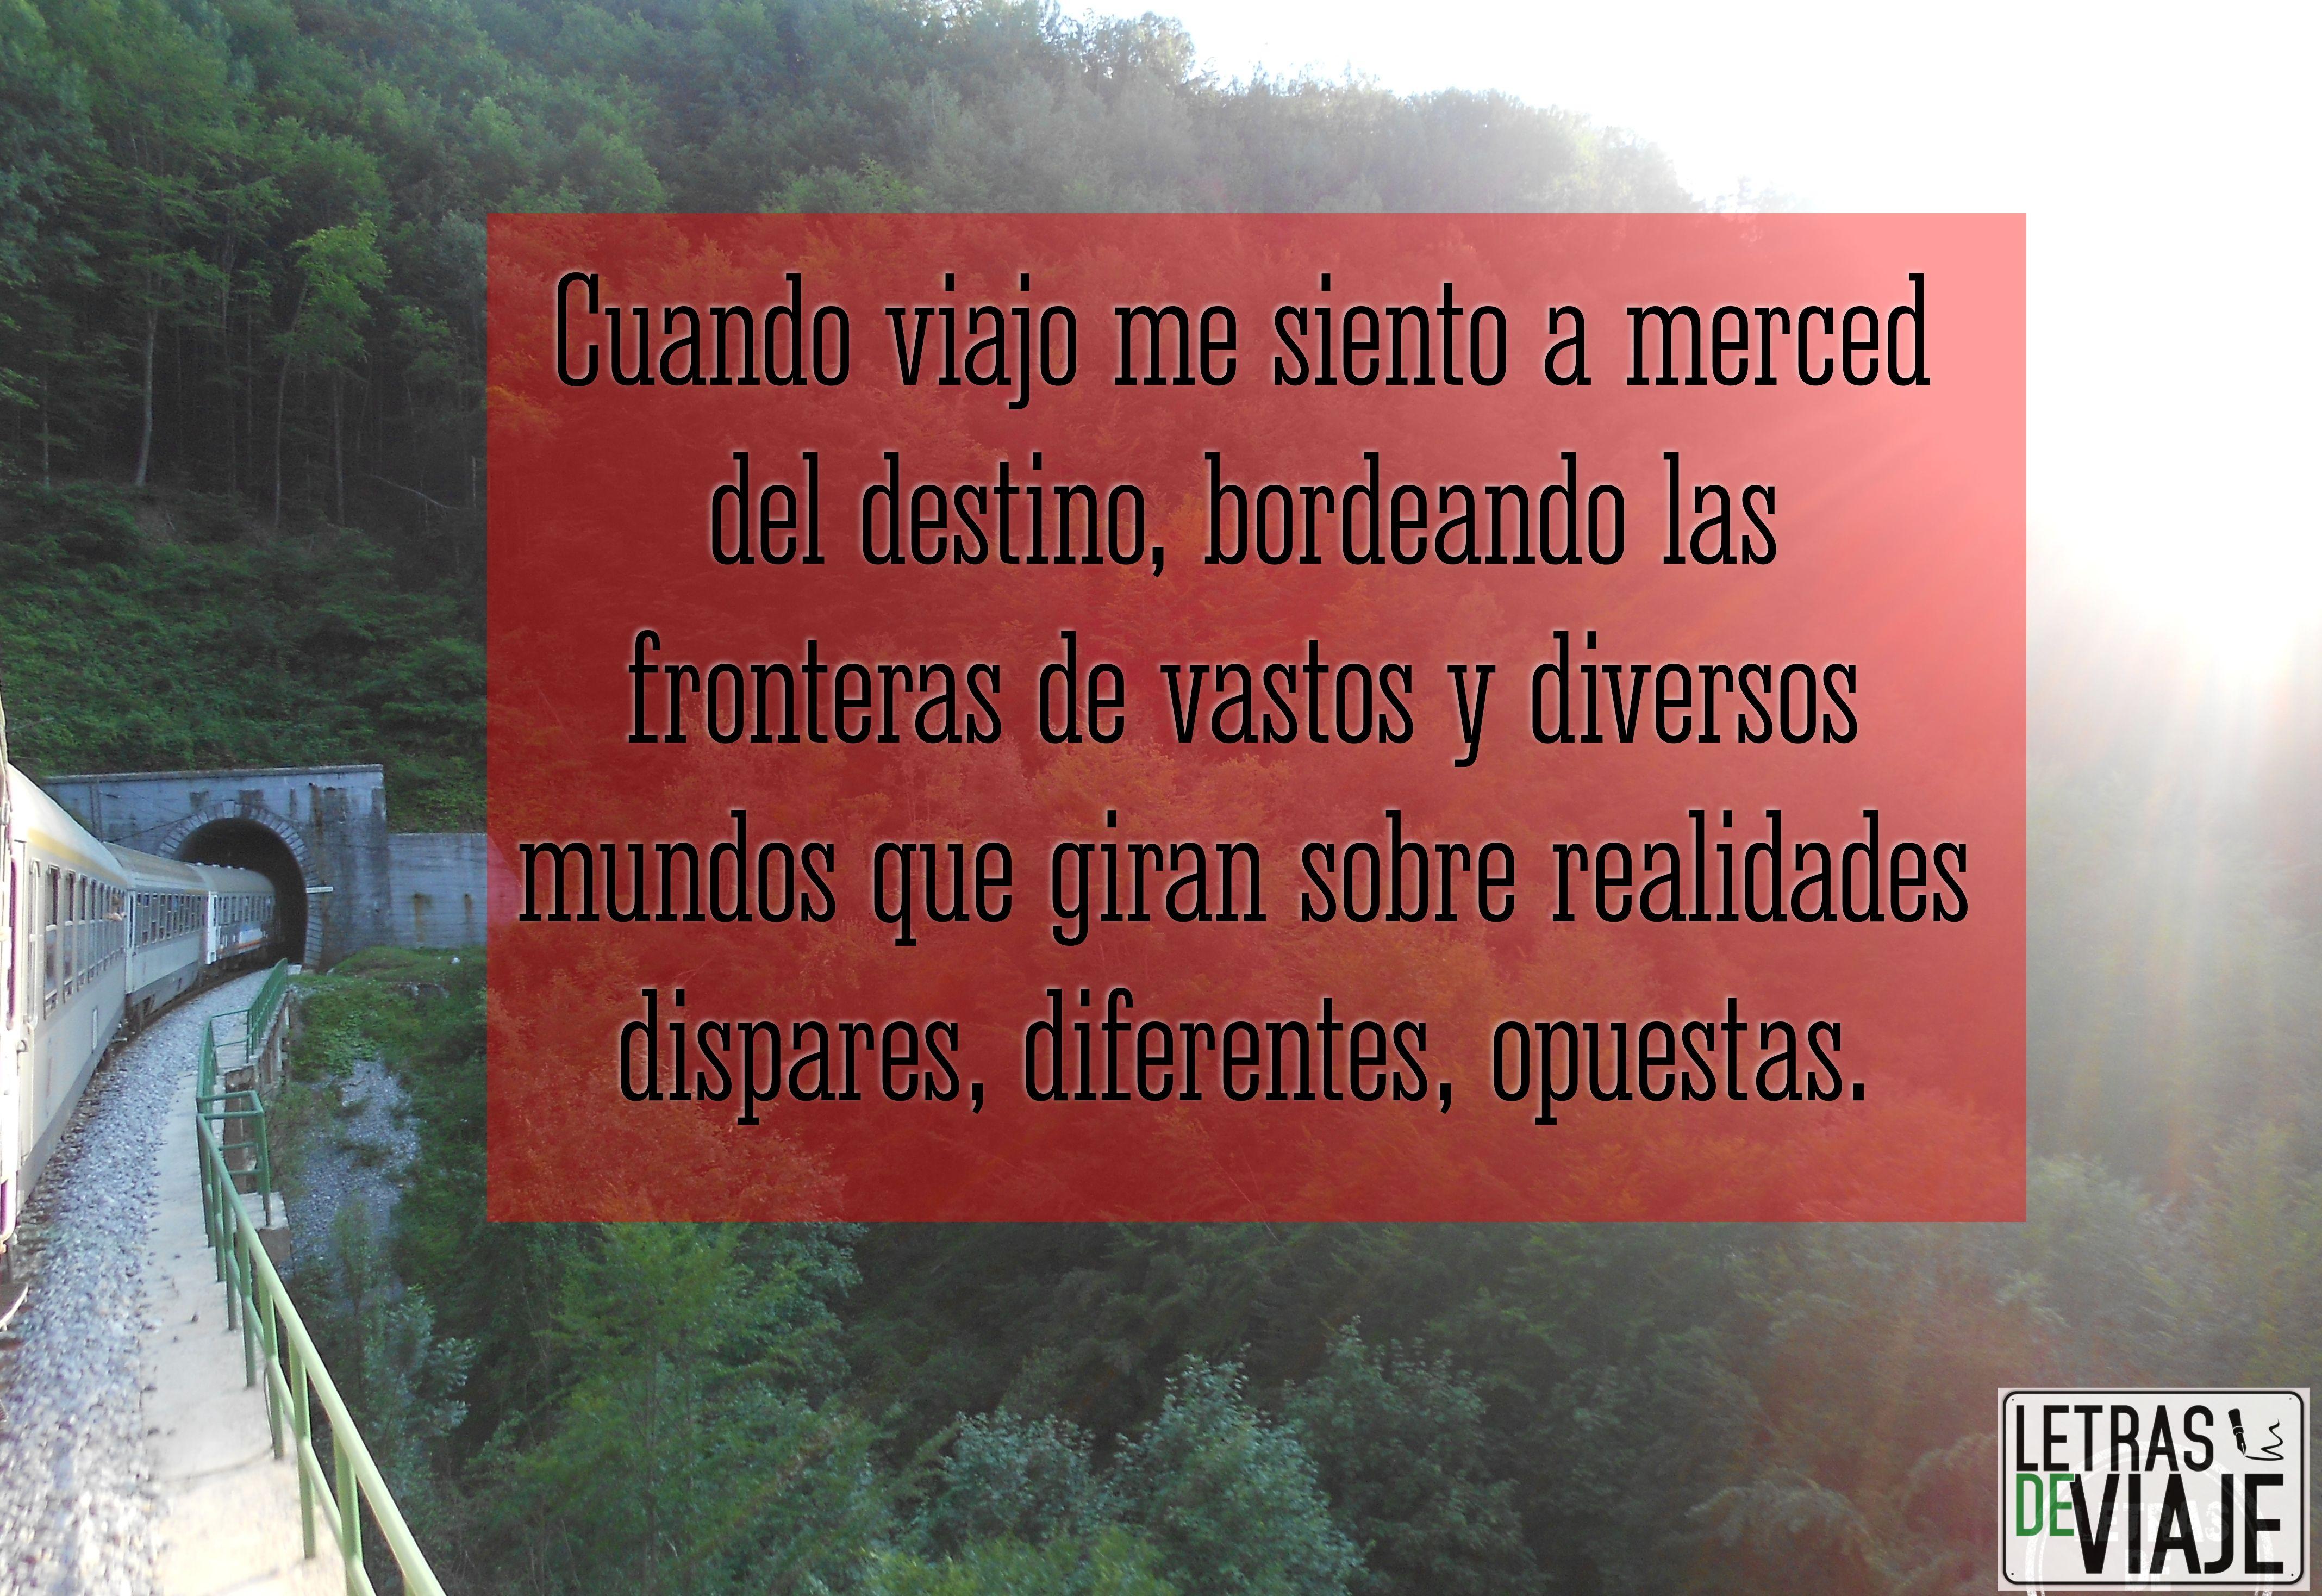 Cuando viajo me siento a merced del destino, bordeand las fronteras de vastos y diversos mundos que giran sobre realidades dispares, diferentes, opuestas